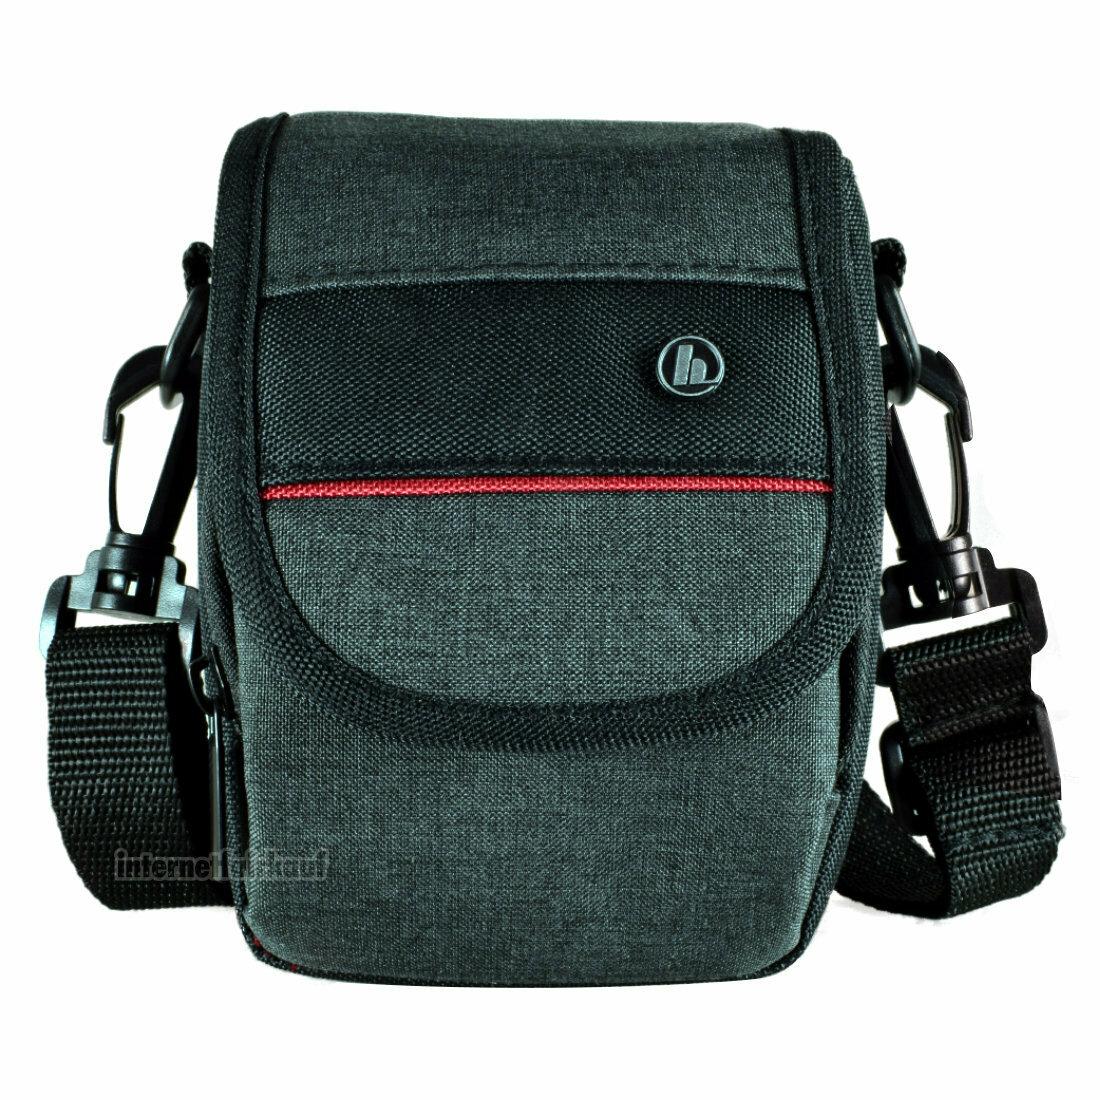 Hama Kameratasche passend für Nikon 1 J1 J2 J3 J4 J5 und Nikkor VR 10-30mm